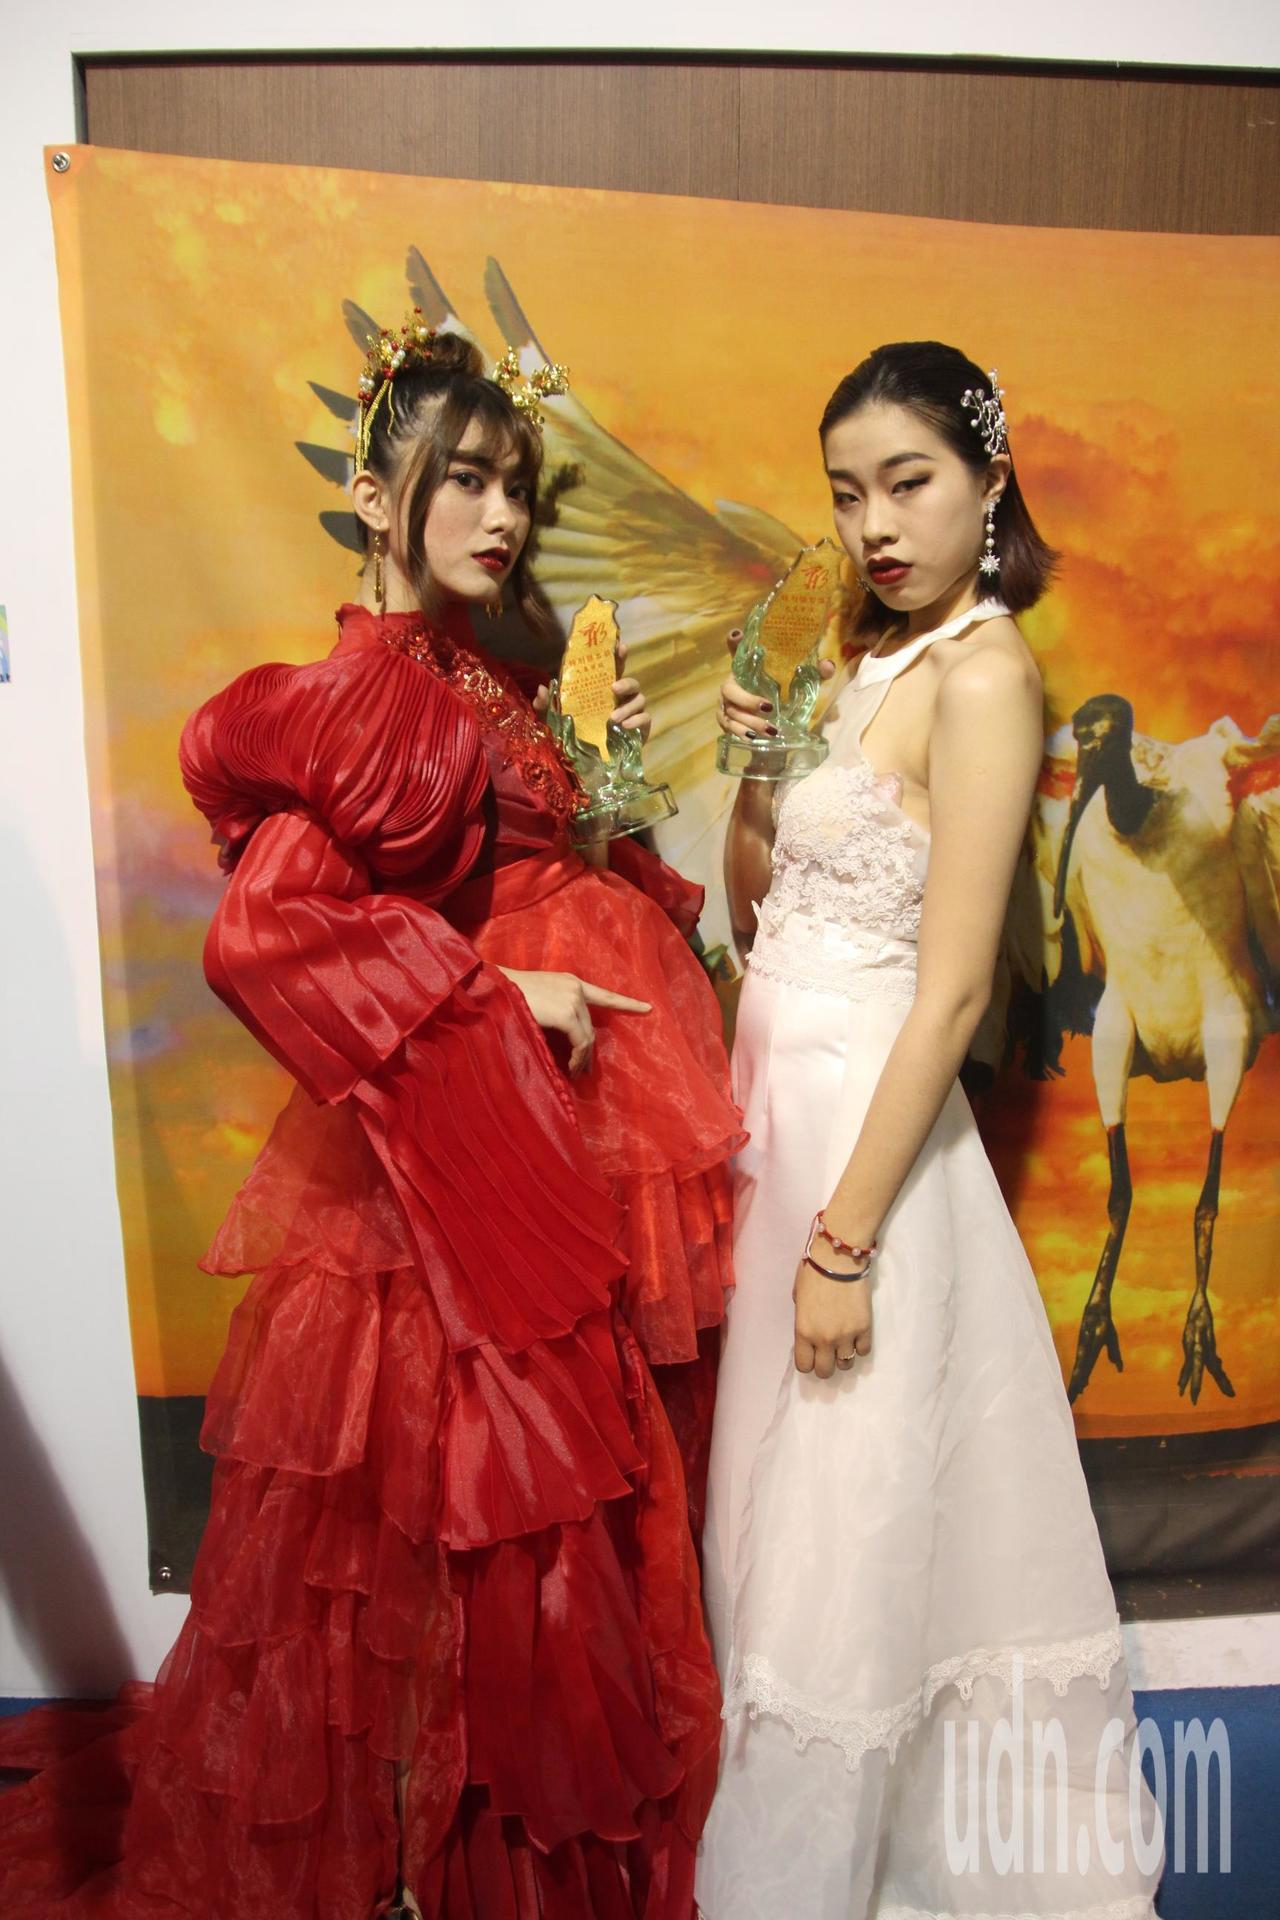 台灣形象美學協會與吳鳳科技大學今天在台灣玻璃館舉辦「衣元復始、萬形更新」活動,希...